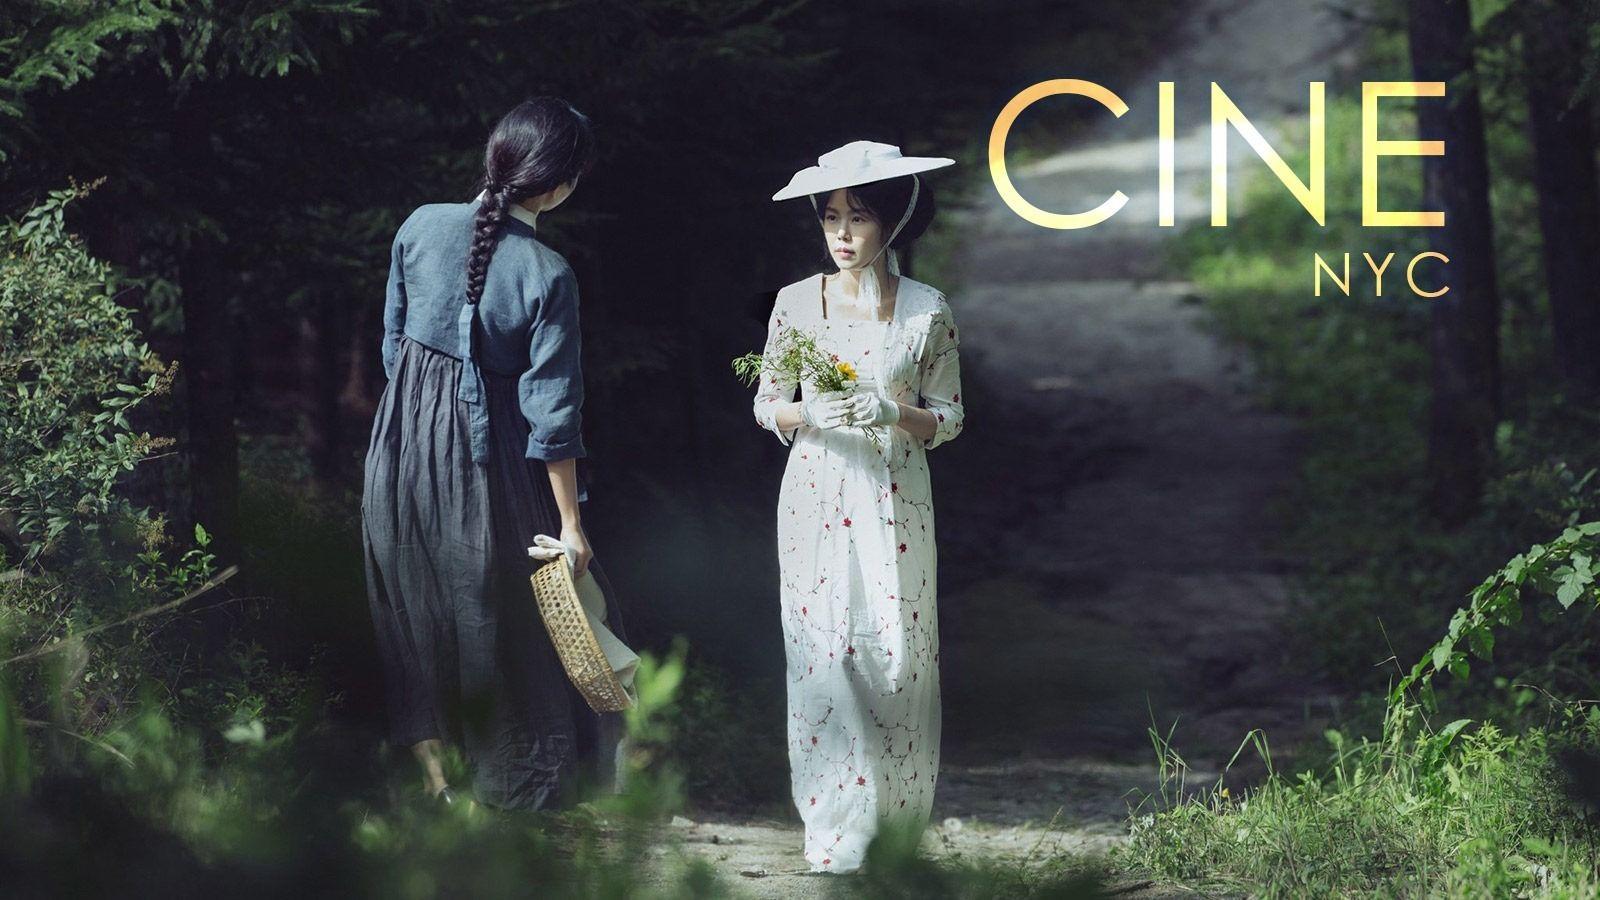 Cine NYC: 20-Somethings Film Club